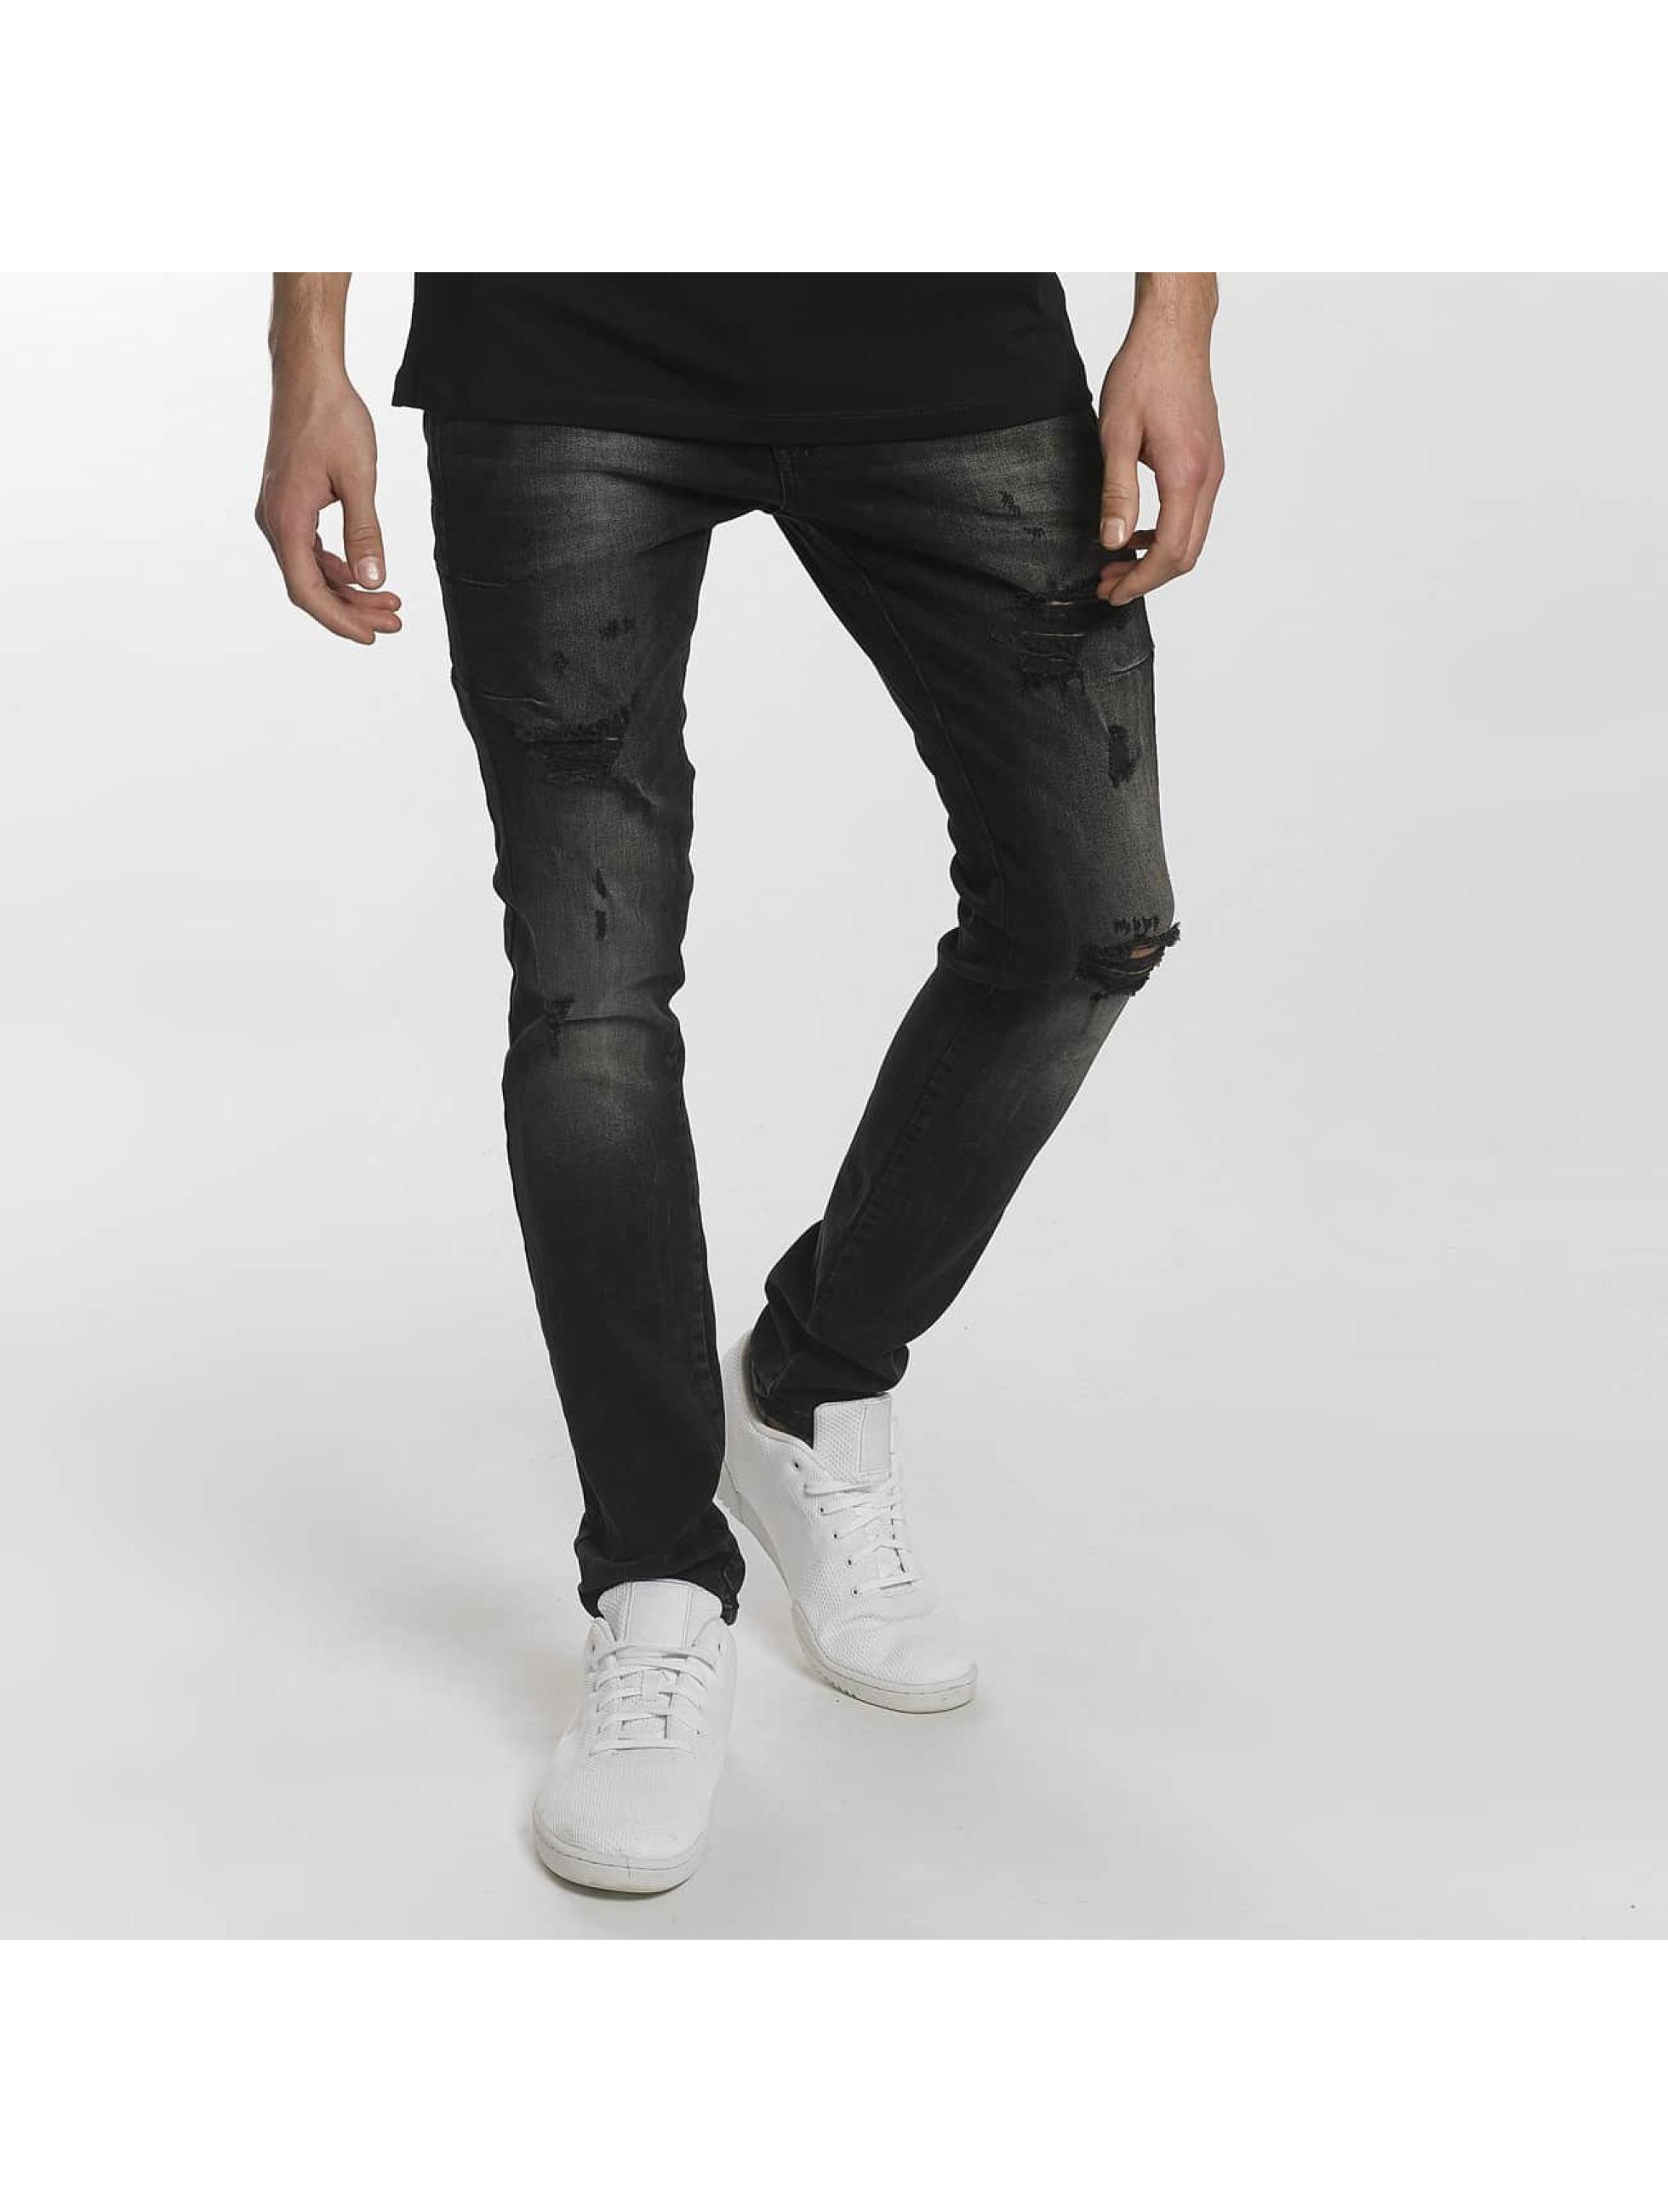 2Y / Slim Fit Jeans Modern Tactic in black W 32